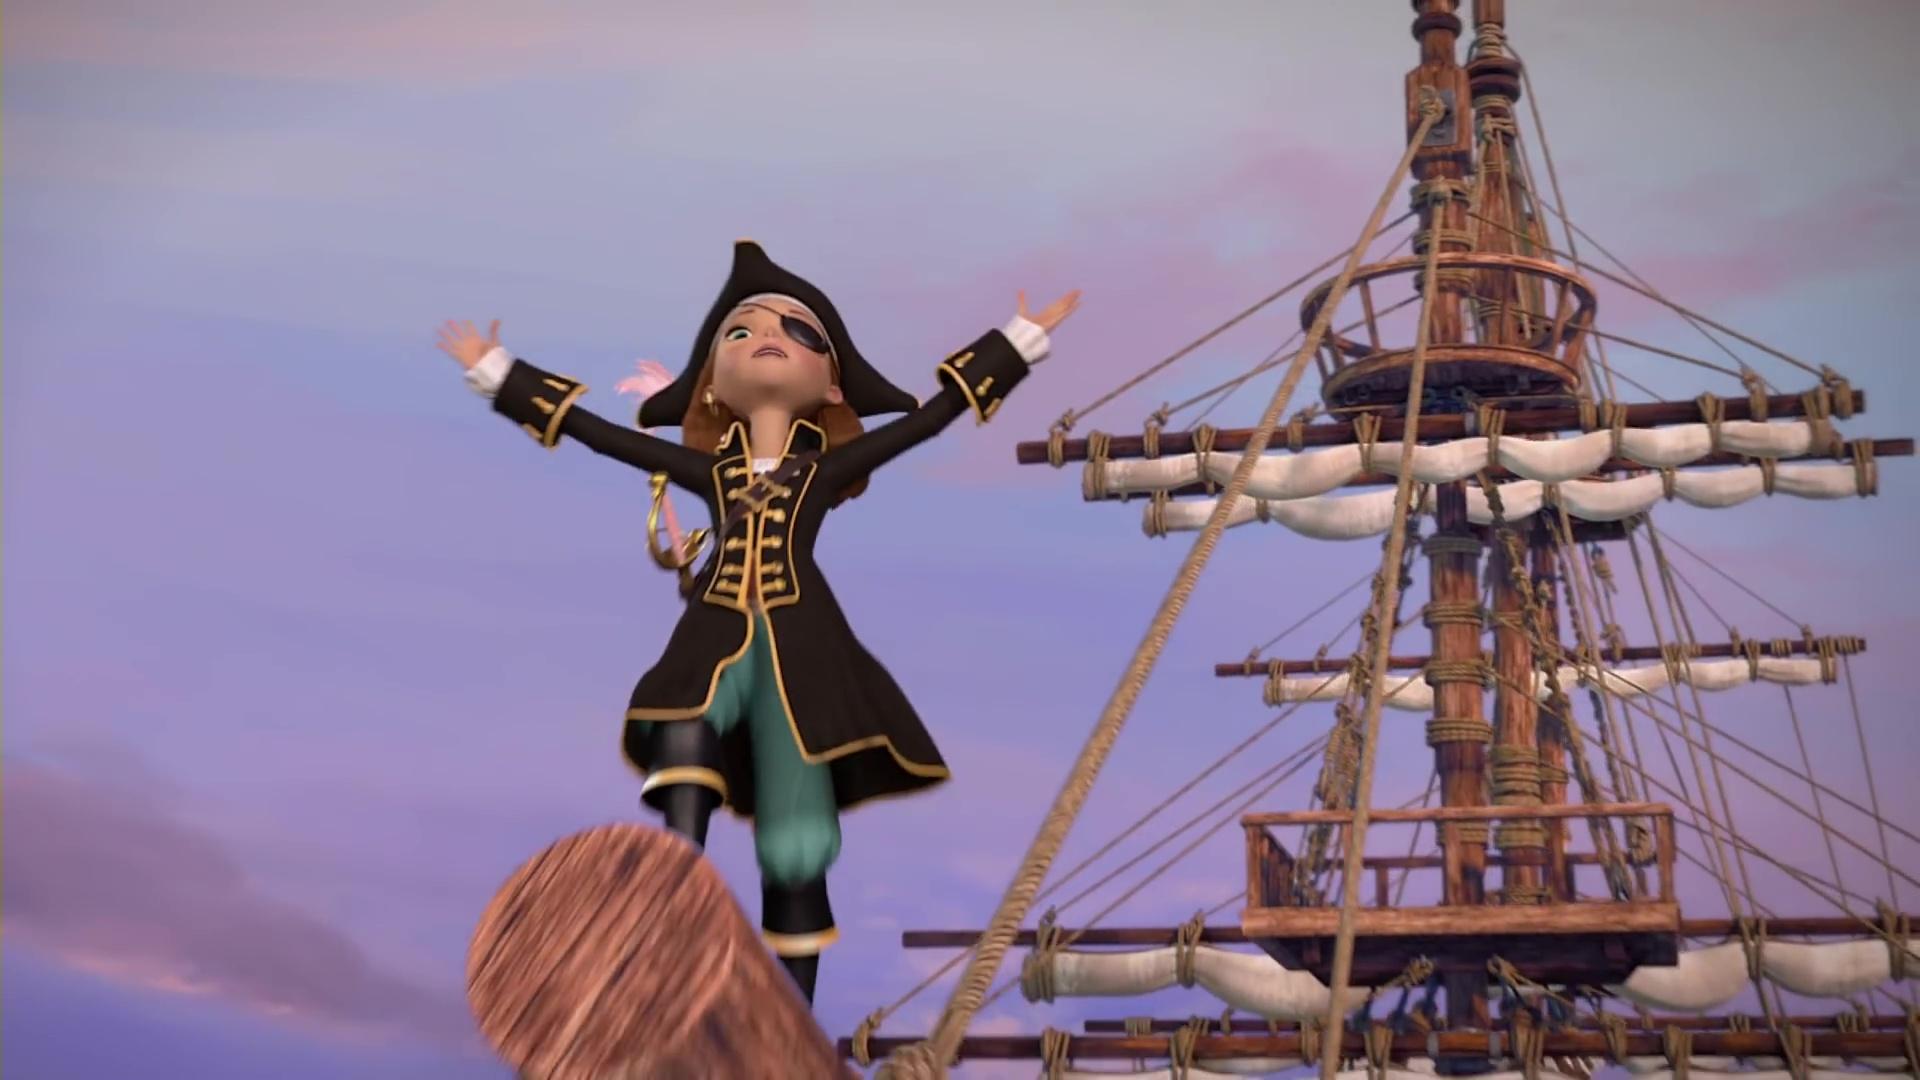 Swan Princess Pirate 2